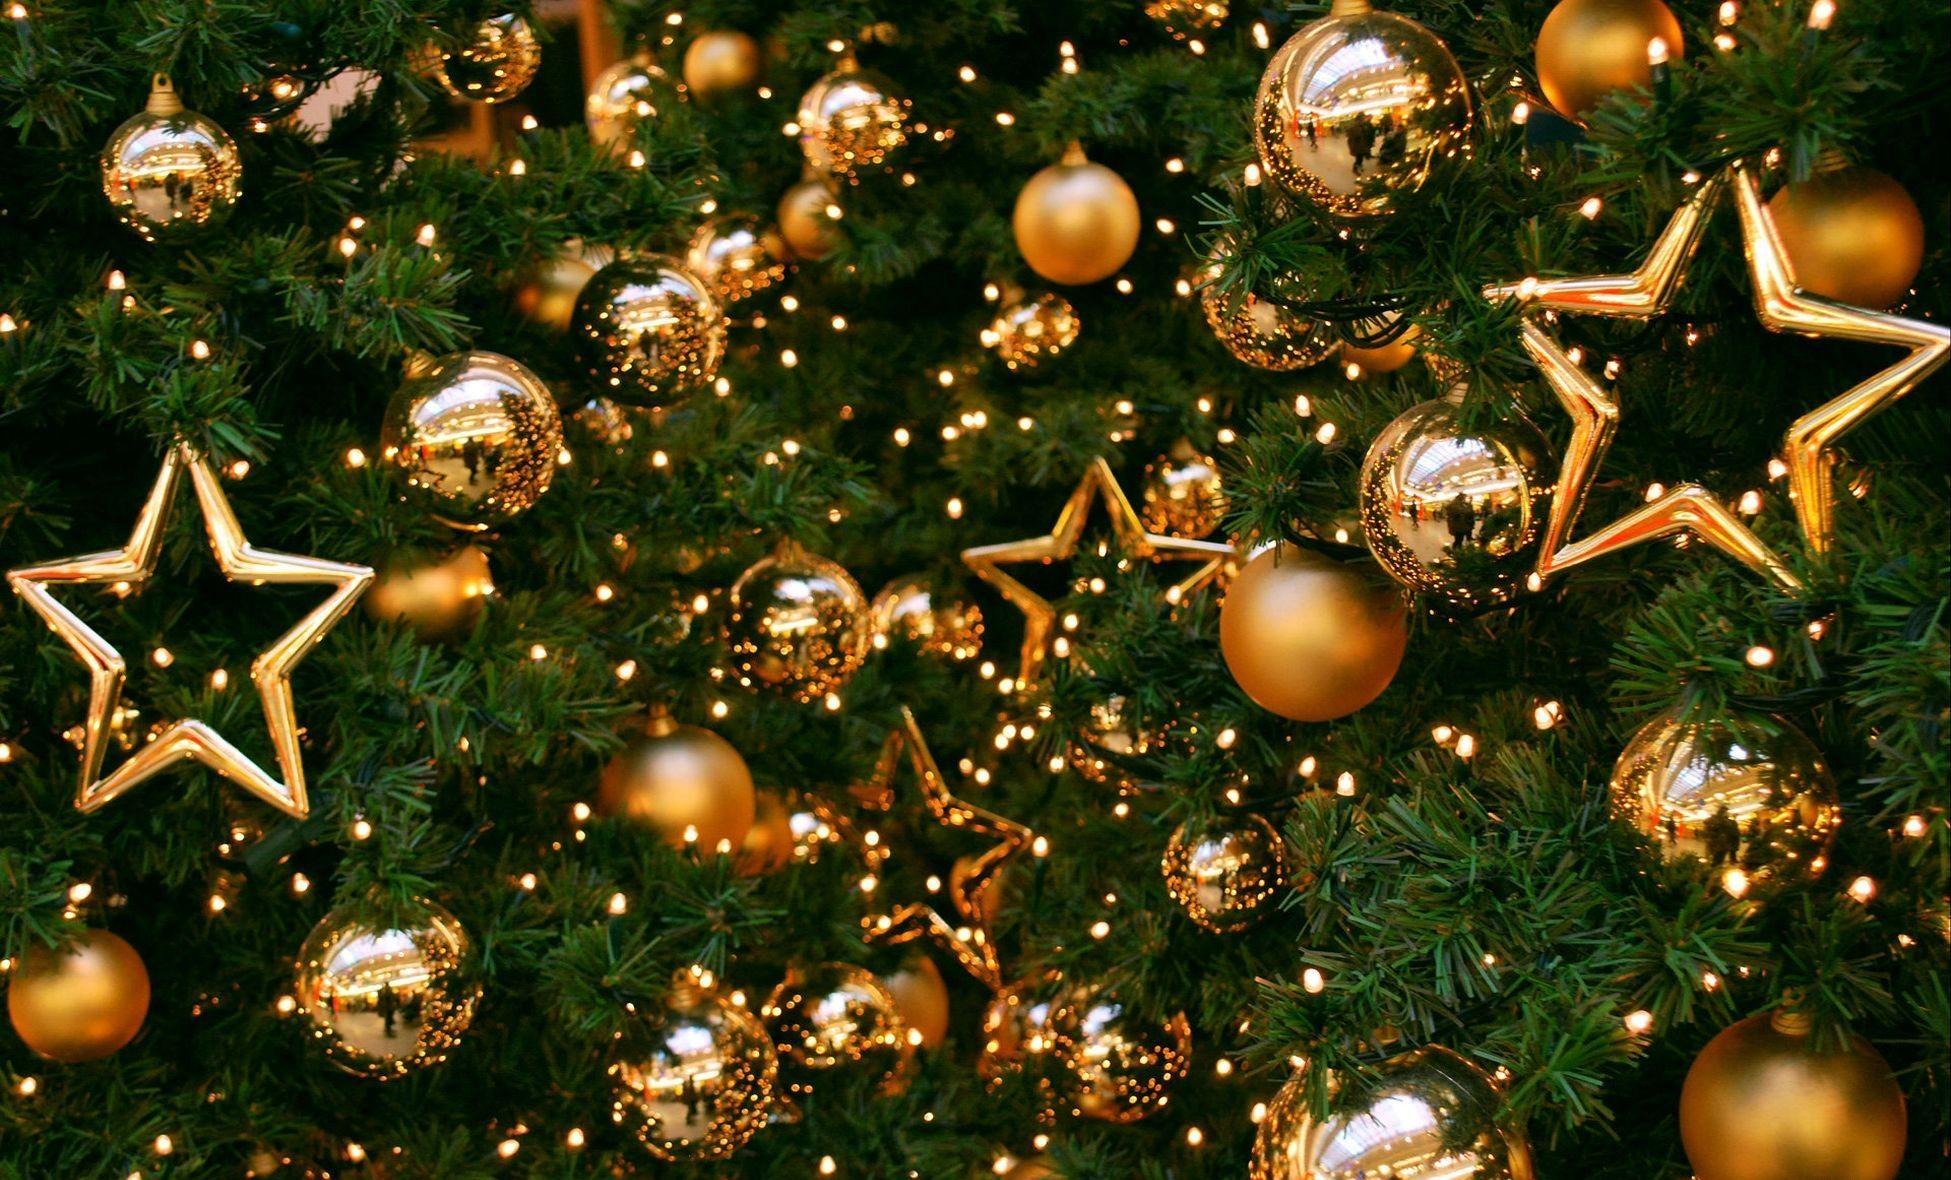 Sfondi Natalizi Oro.Sfondi Stelle Ramo Albero Di Natale Oro Vacanza Nuovo Anno